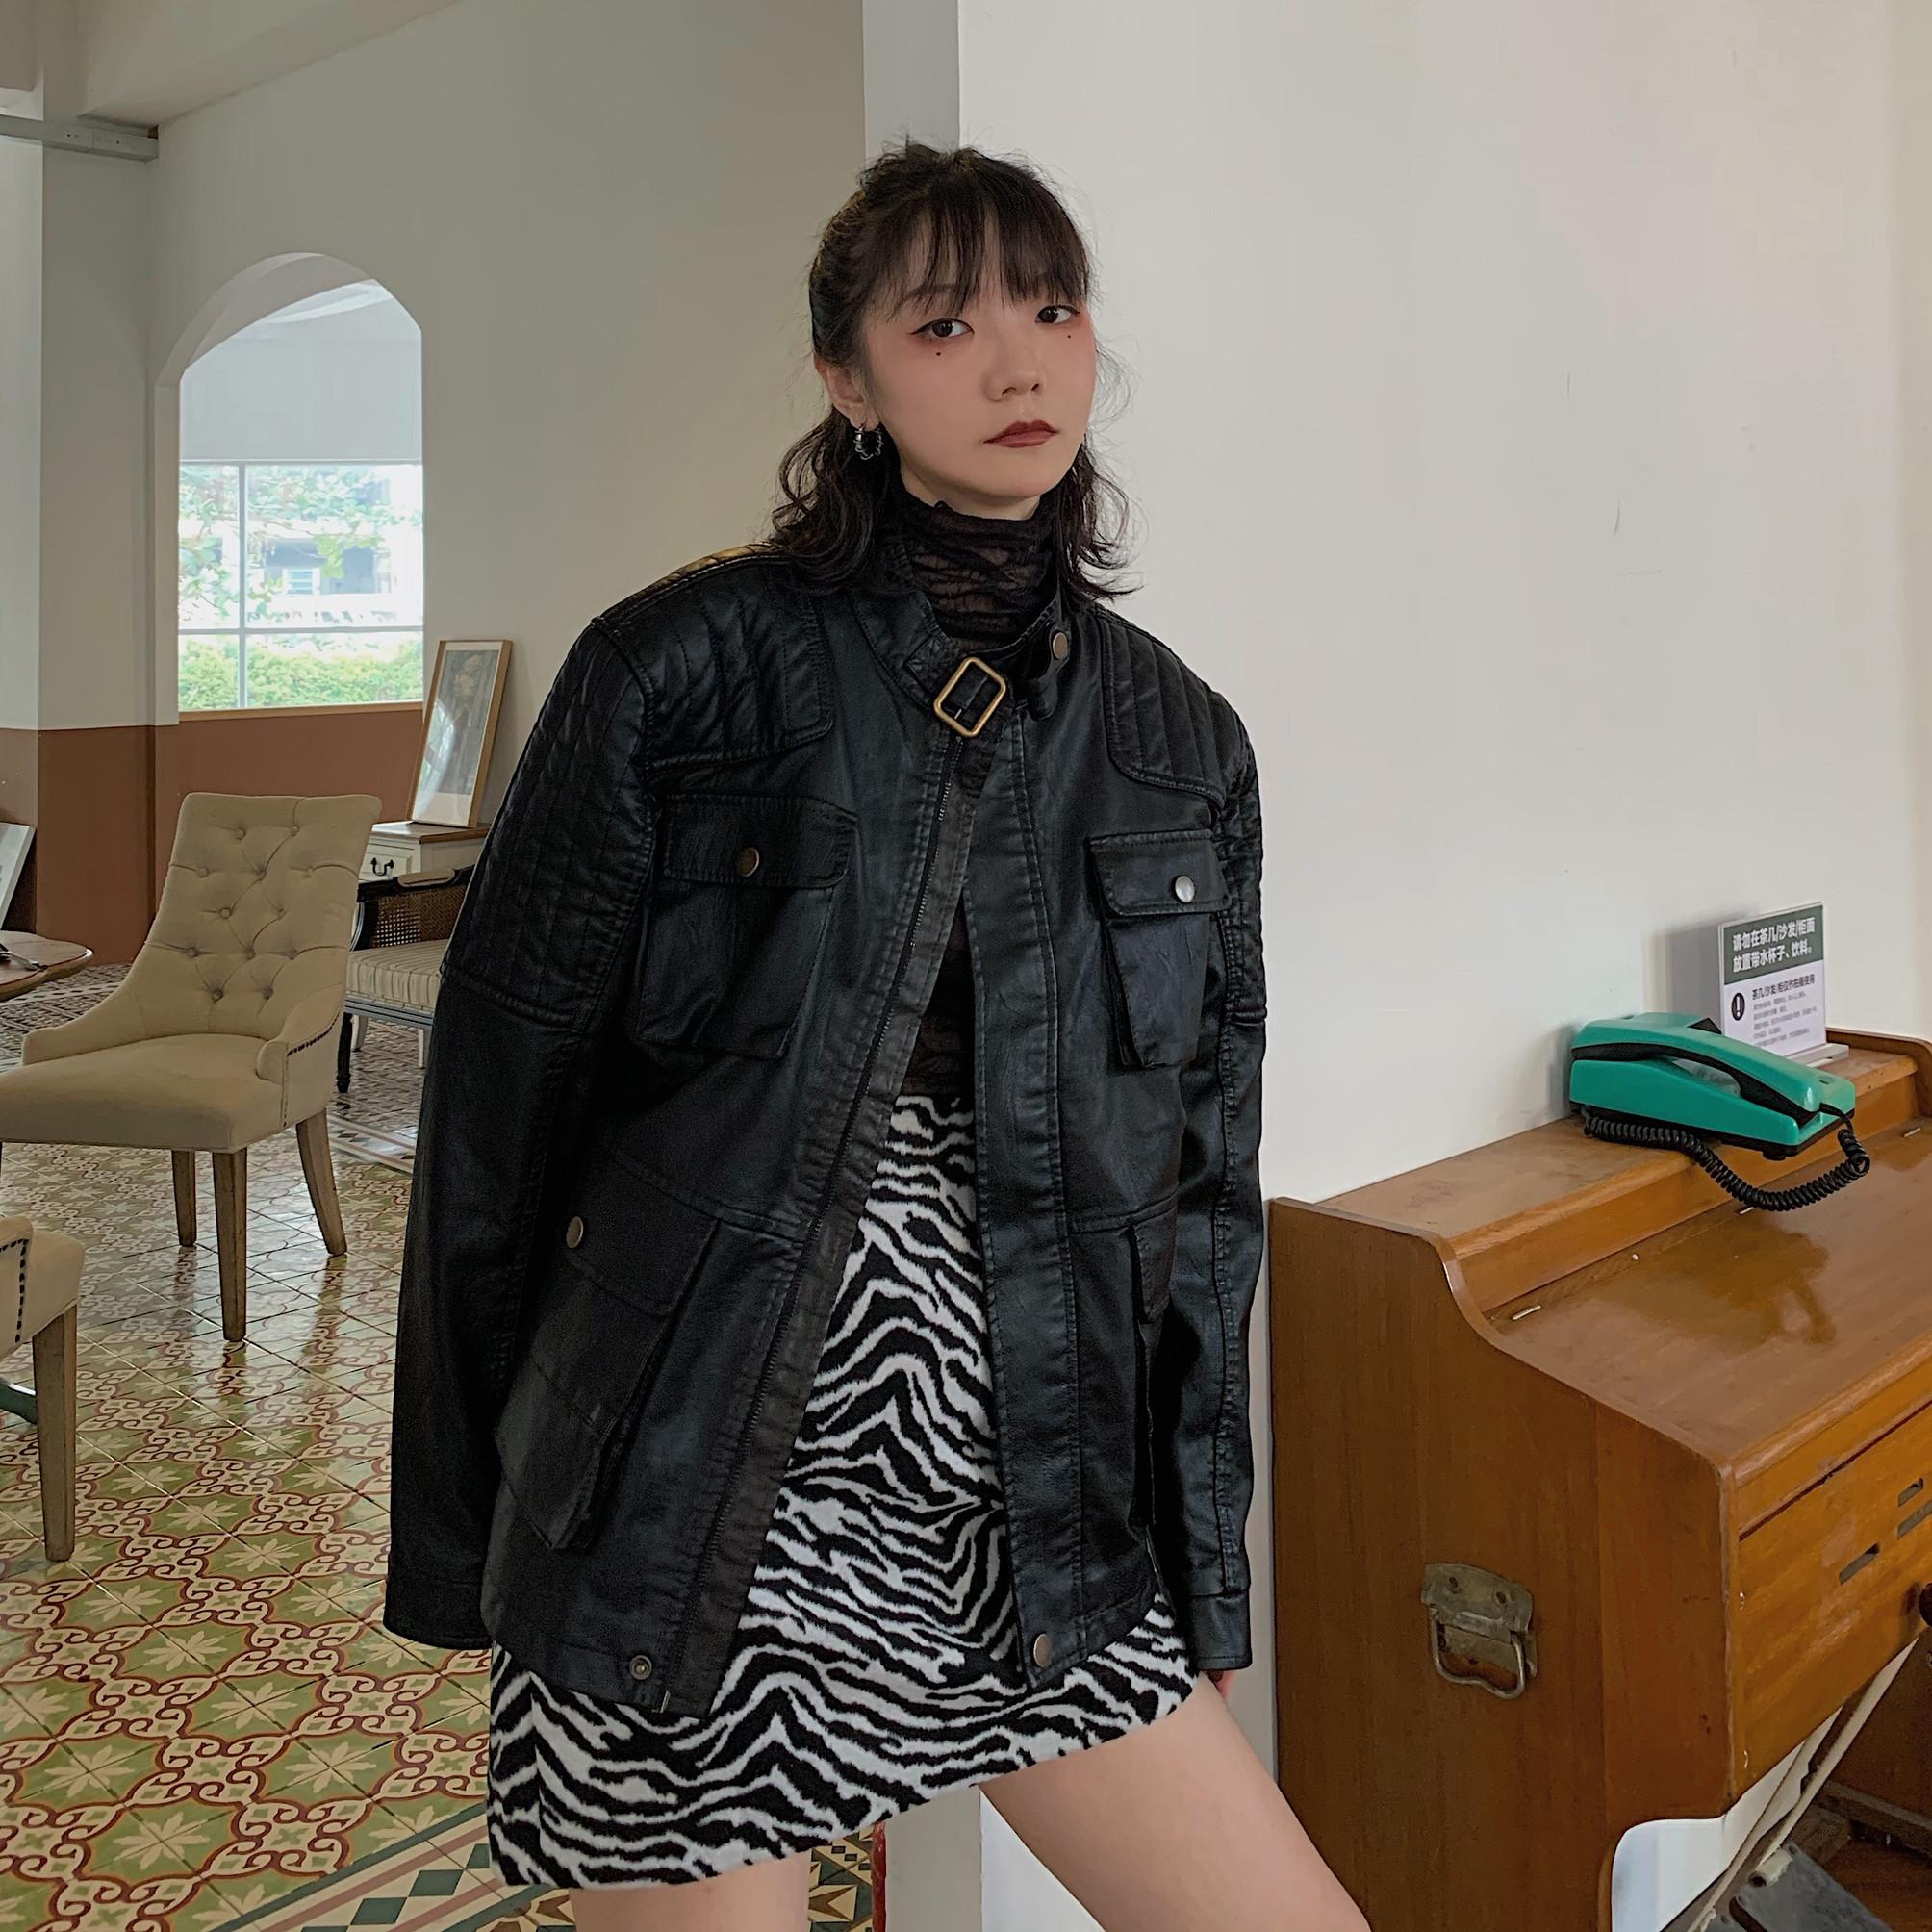 机车皮衣女 2021早春新款三色做旧加绒加厚保暖宽松皮衣机车夹克同款外套女_推荐淘宝好看的机车皮衣女